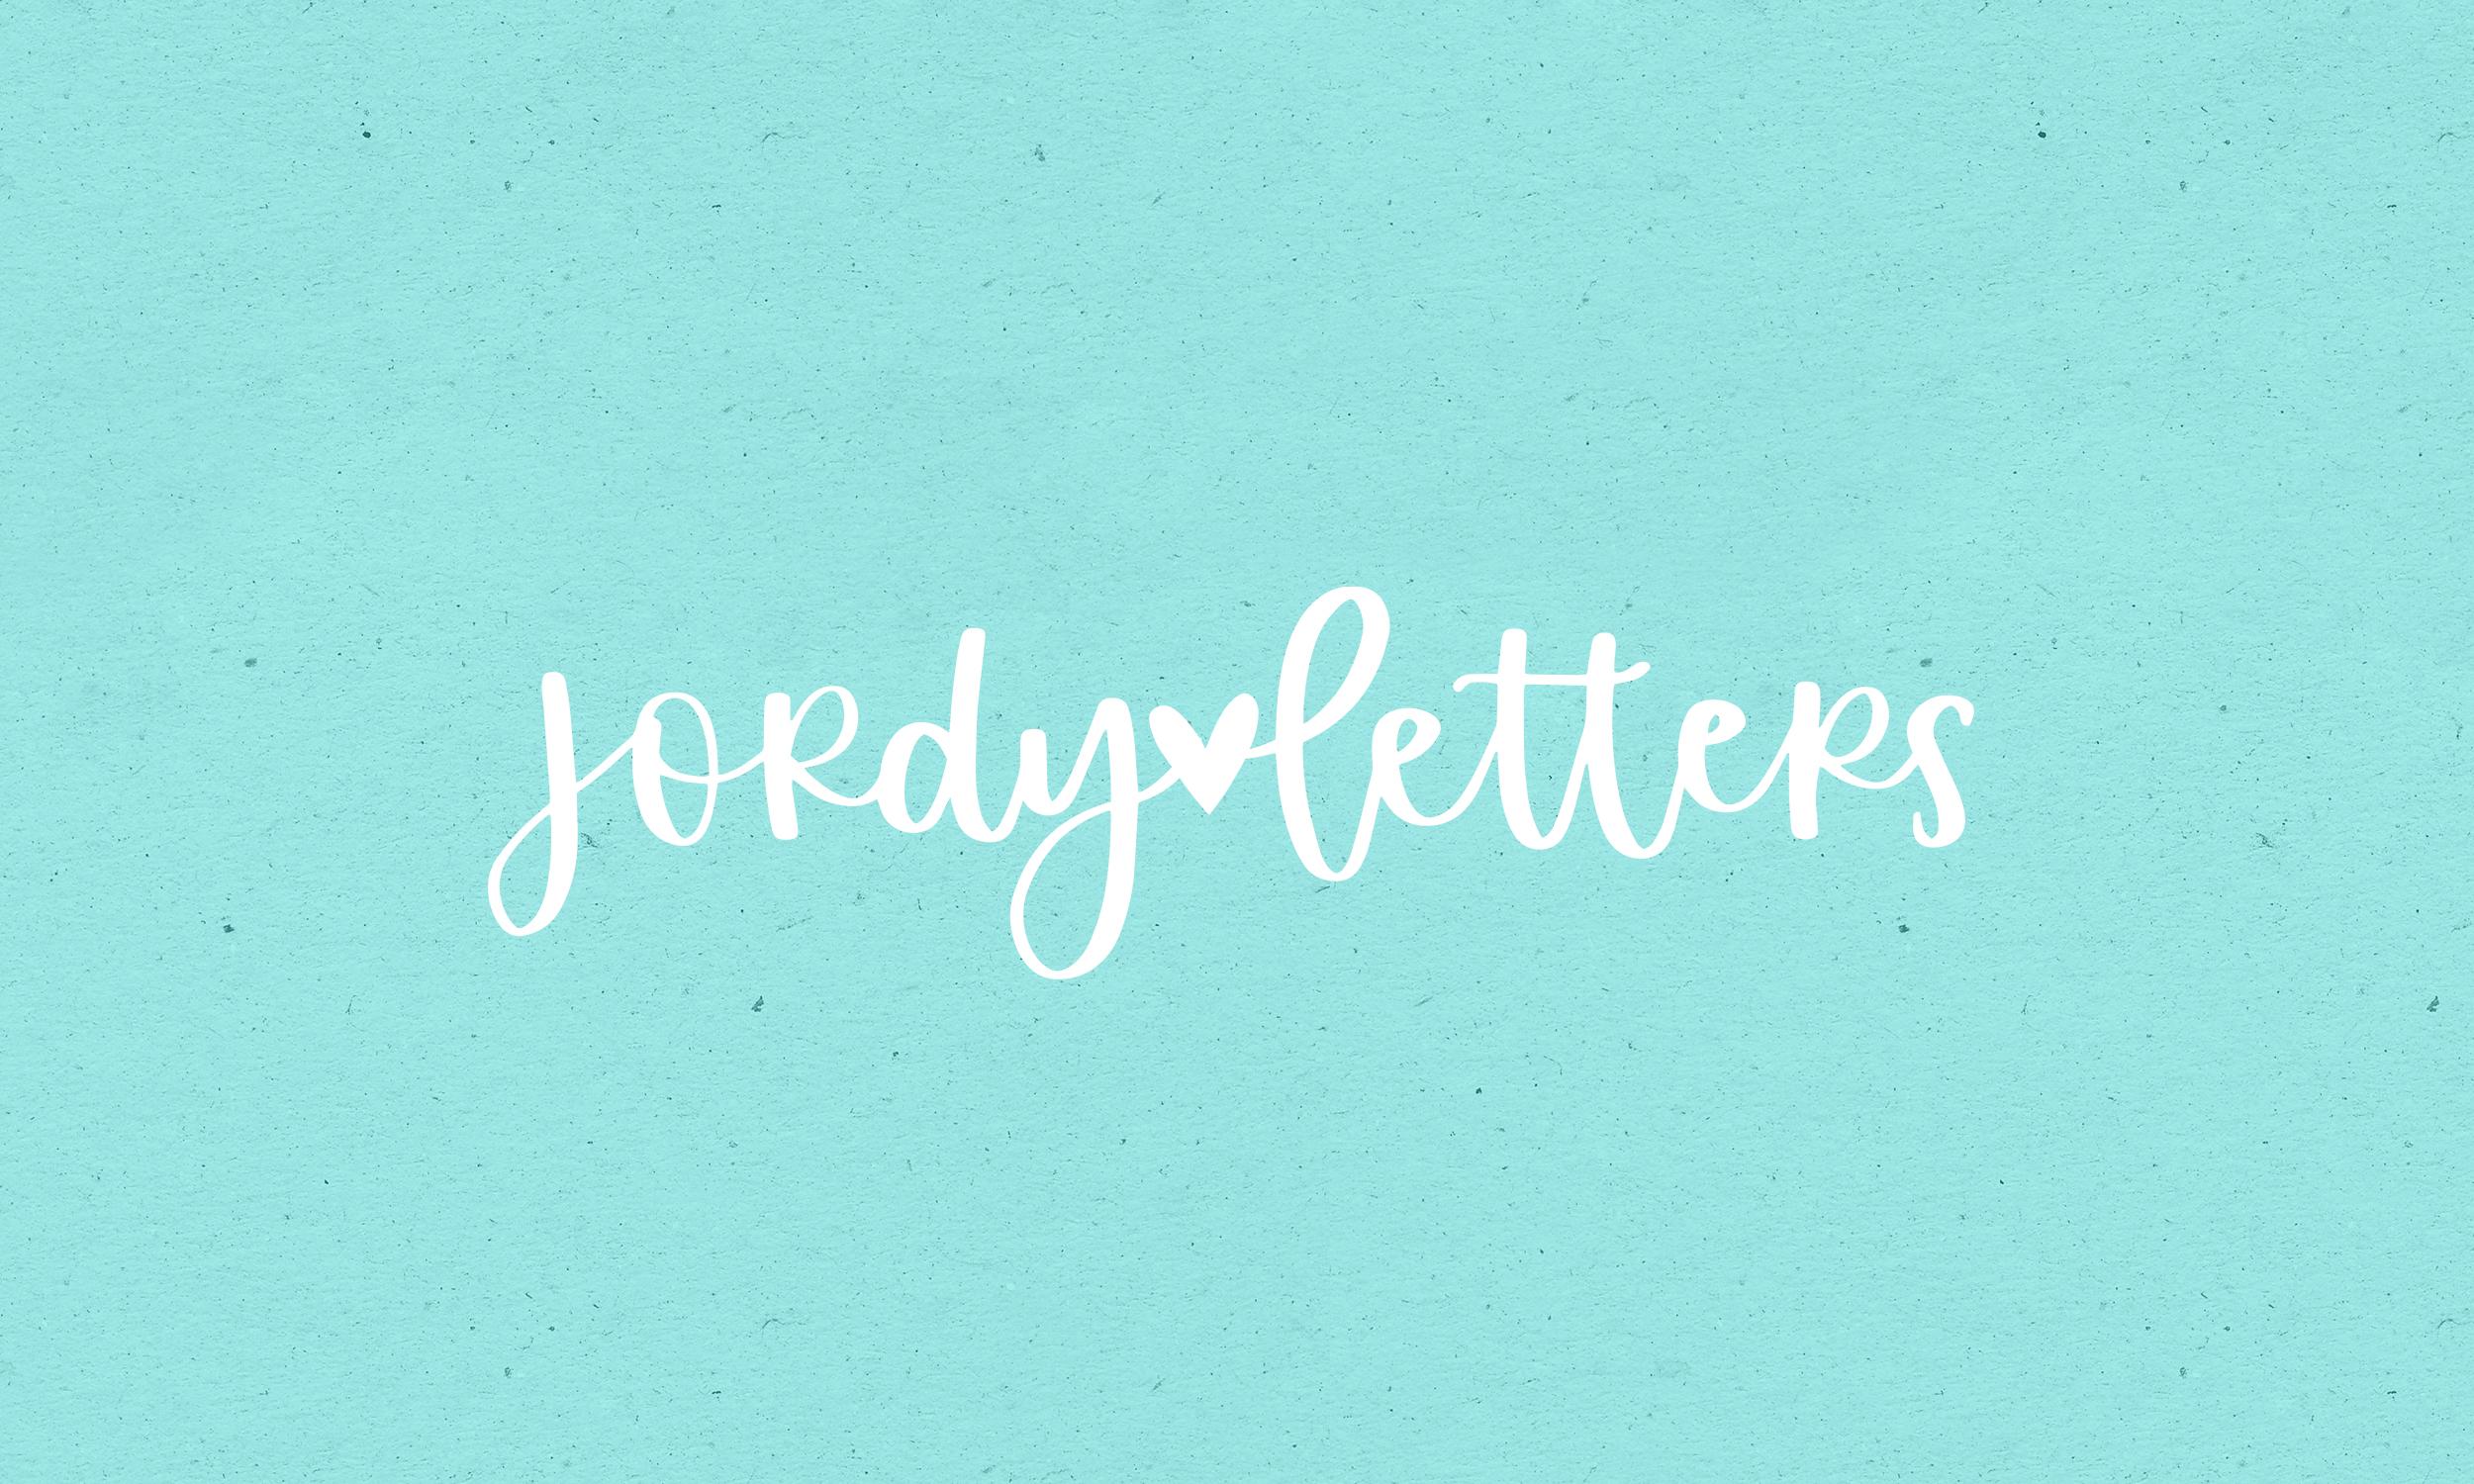 jordy-letters.jpg